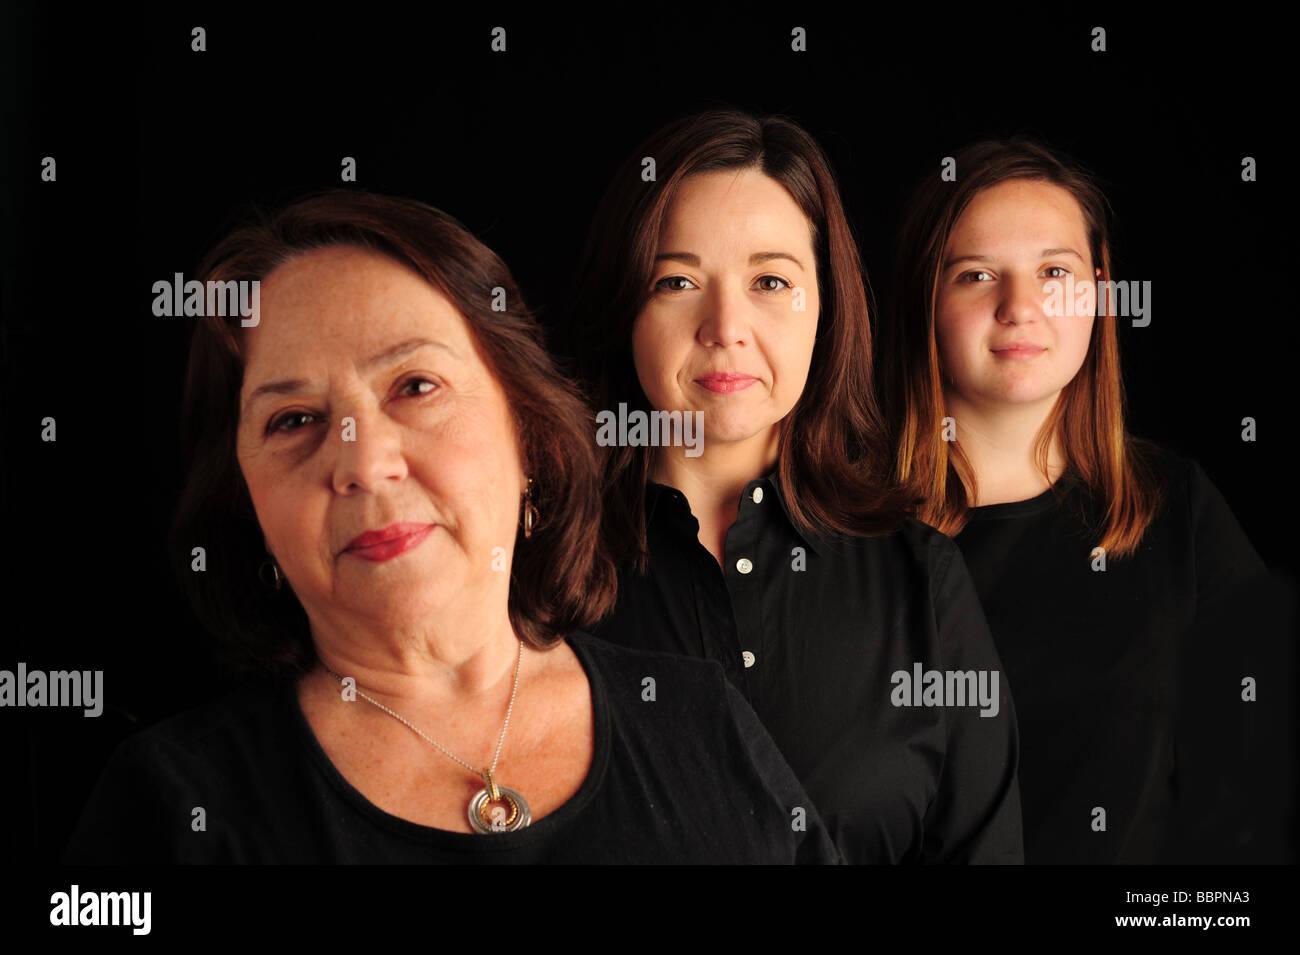 Three 3 generations of hispanic women Stock Photo